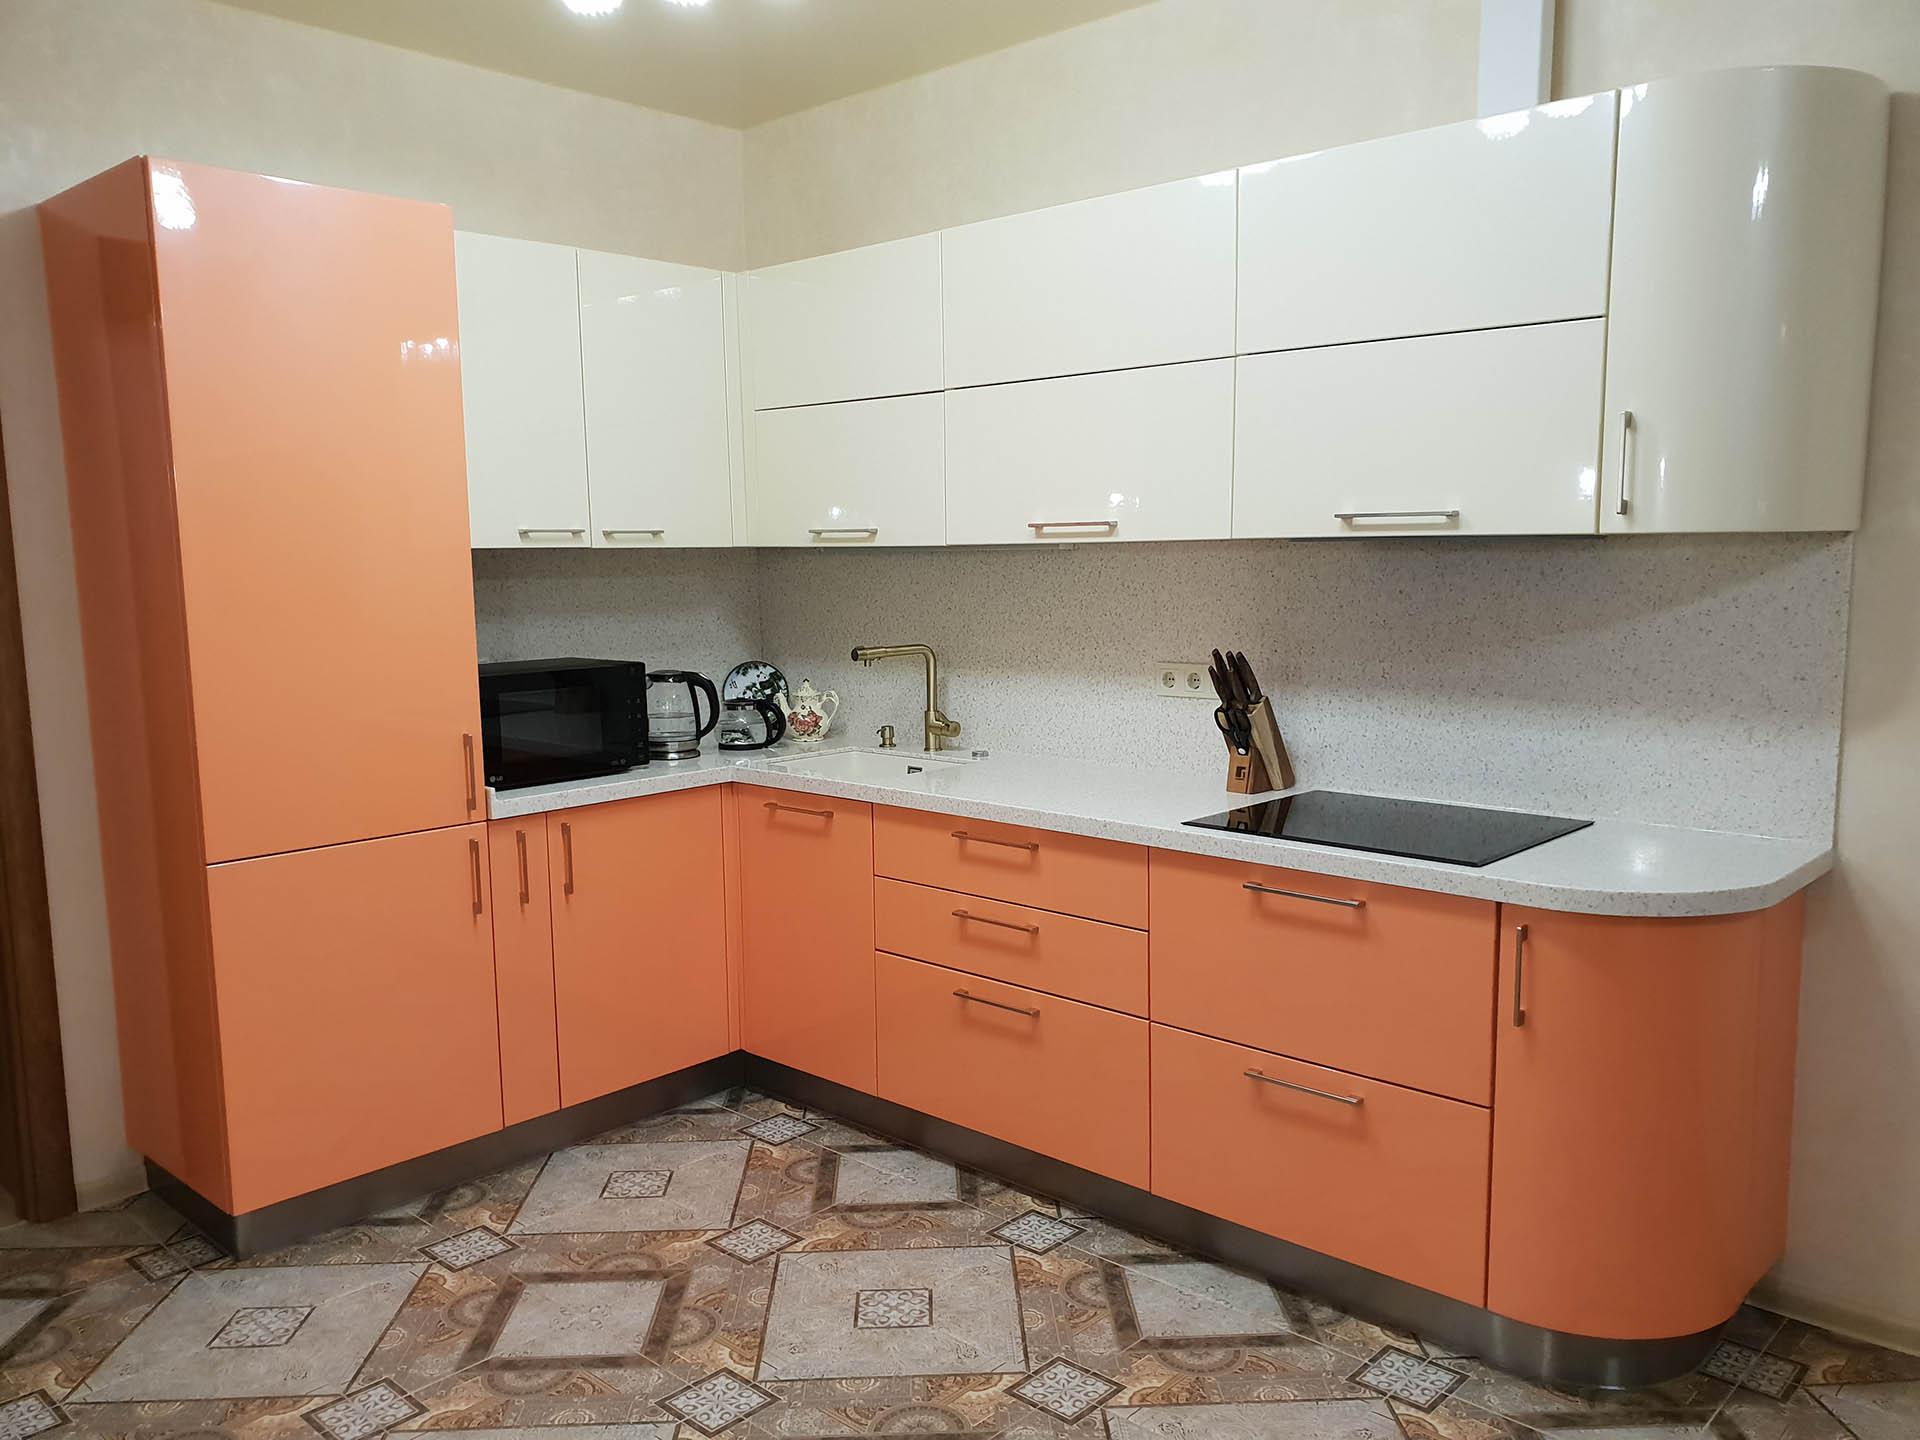 Как обустроить и персонализировать угловую кухню?